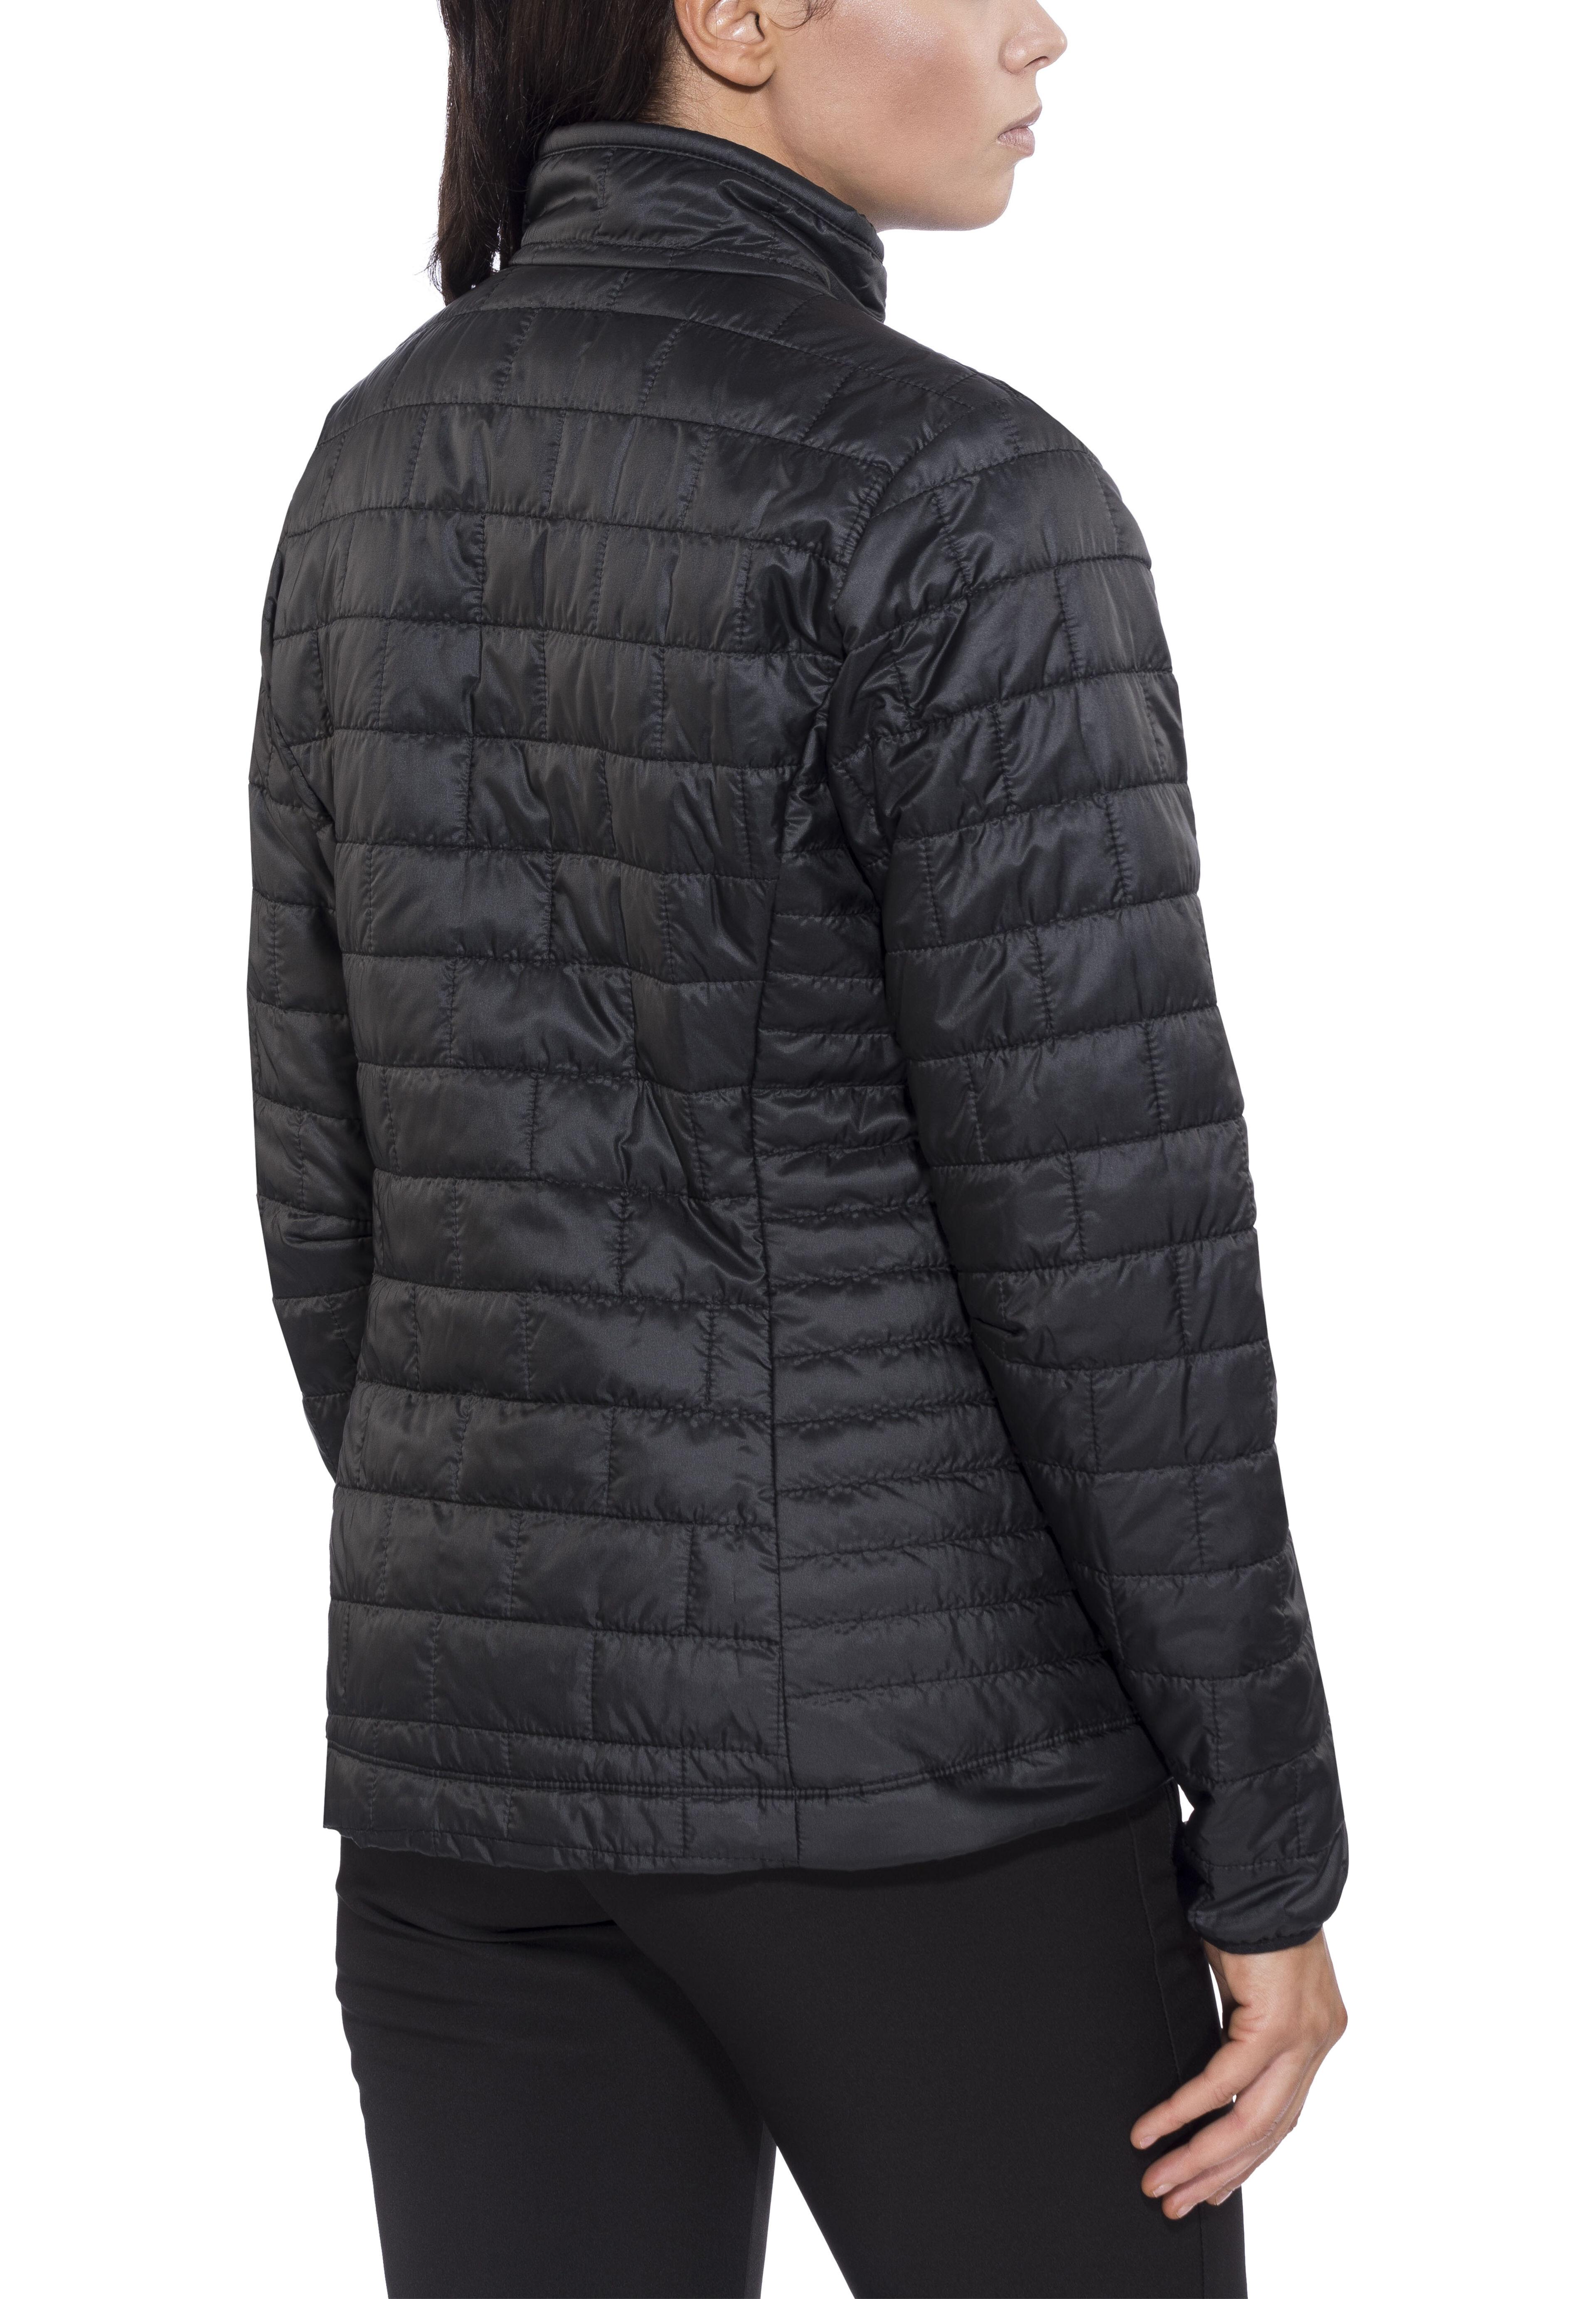 a5dc8436 Patagonia Nano Puff Jakke Damer, black | Find outdoortøj, sko ...